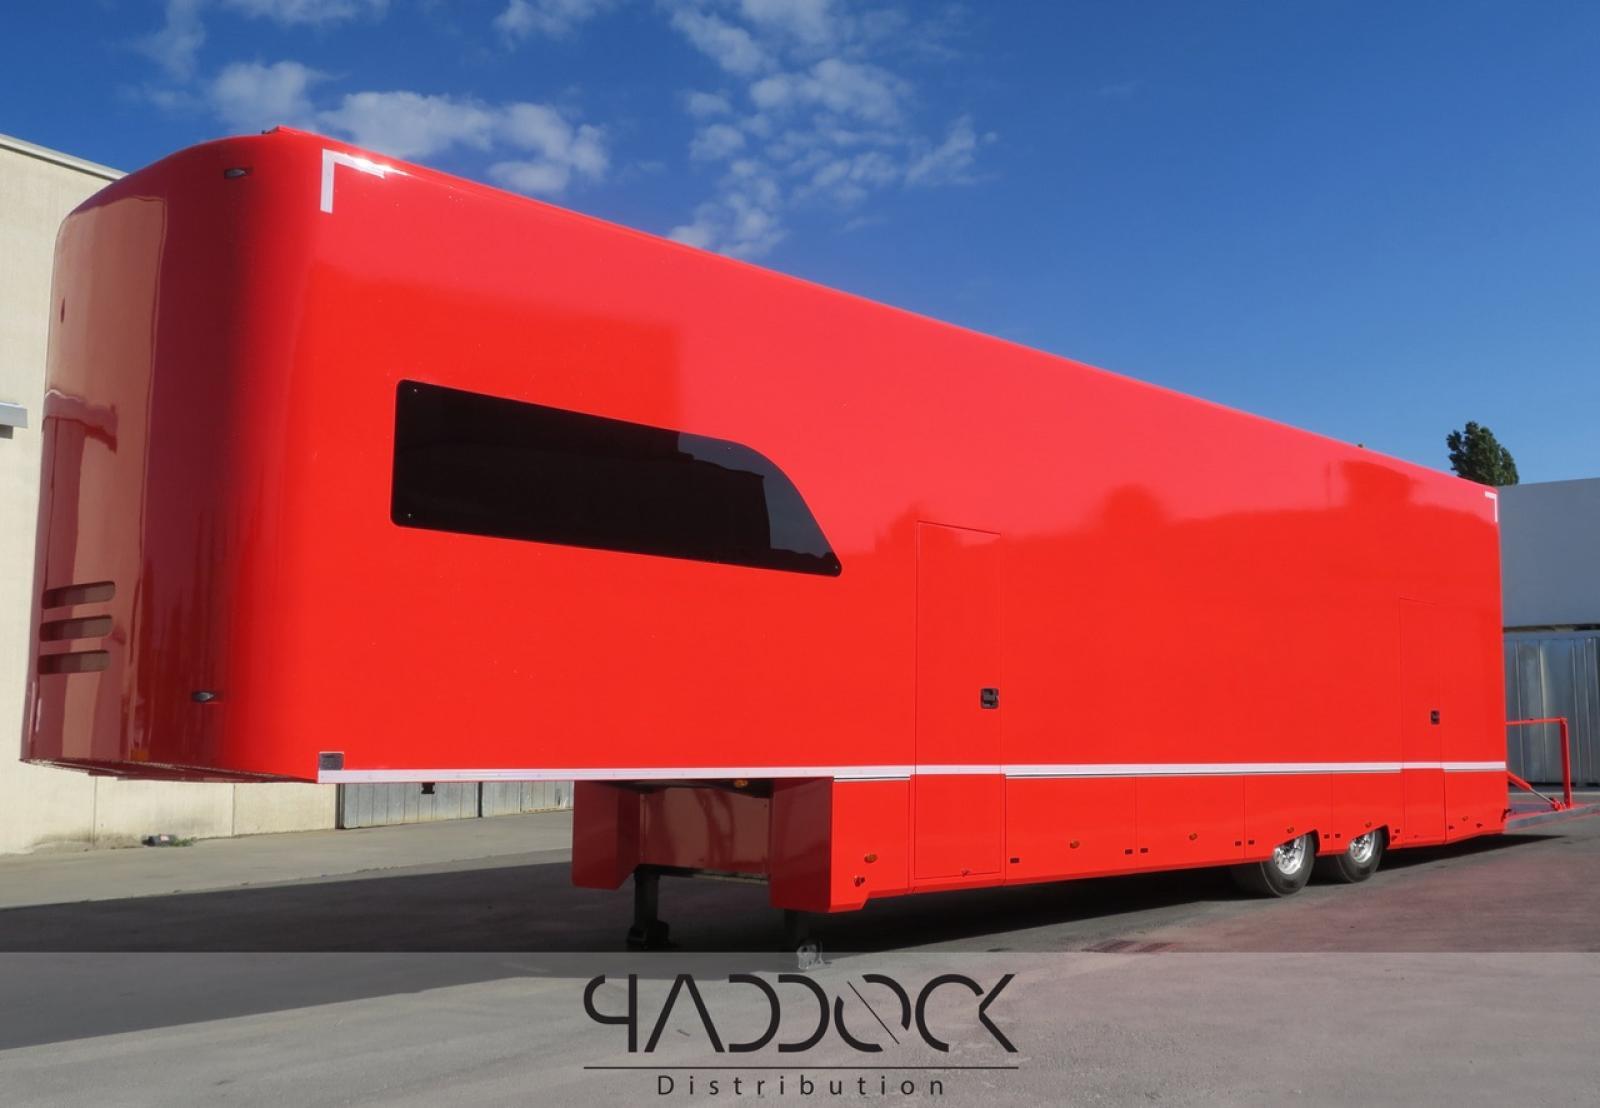 2021 Uus poolhaagis ASTA CAR PADDOCK DISTRIBUTION - 1